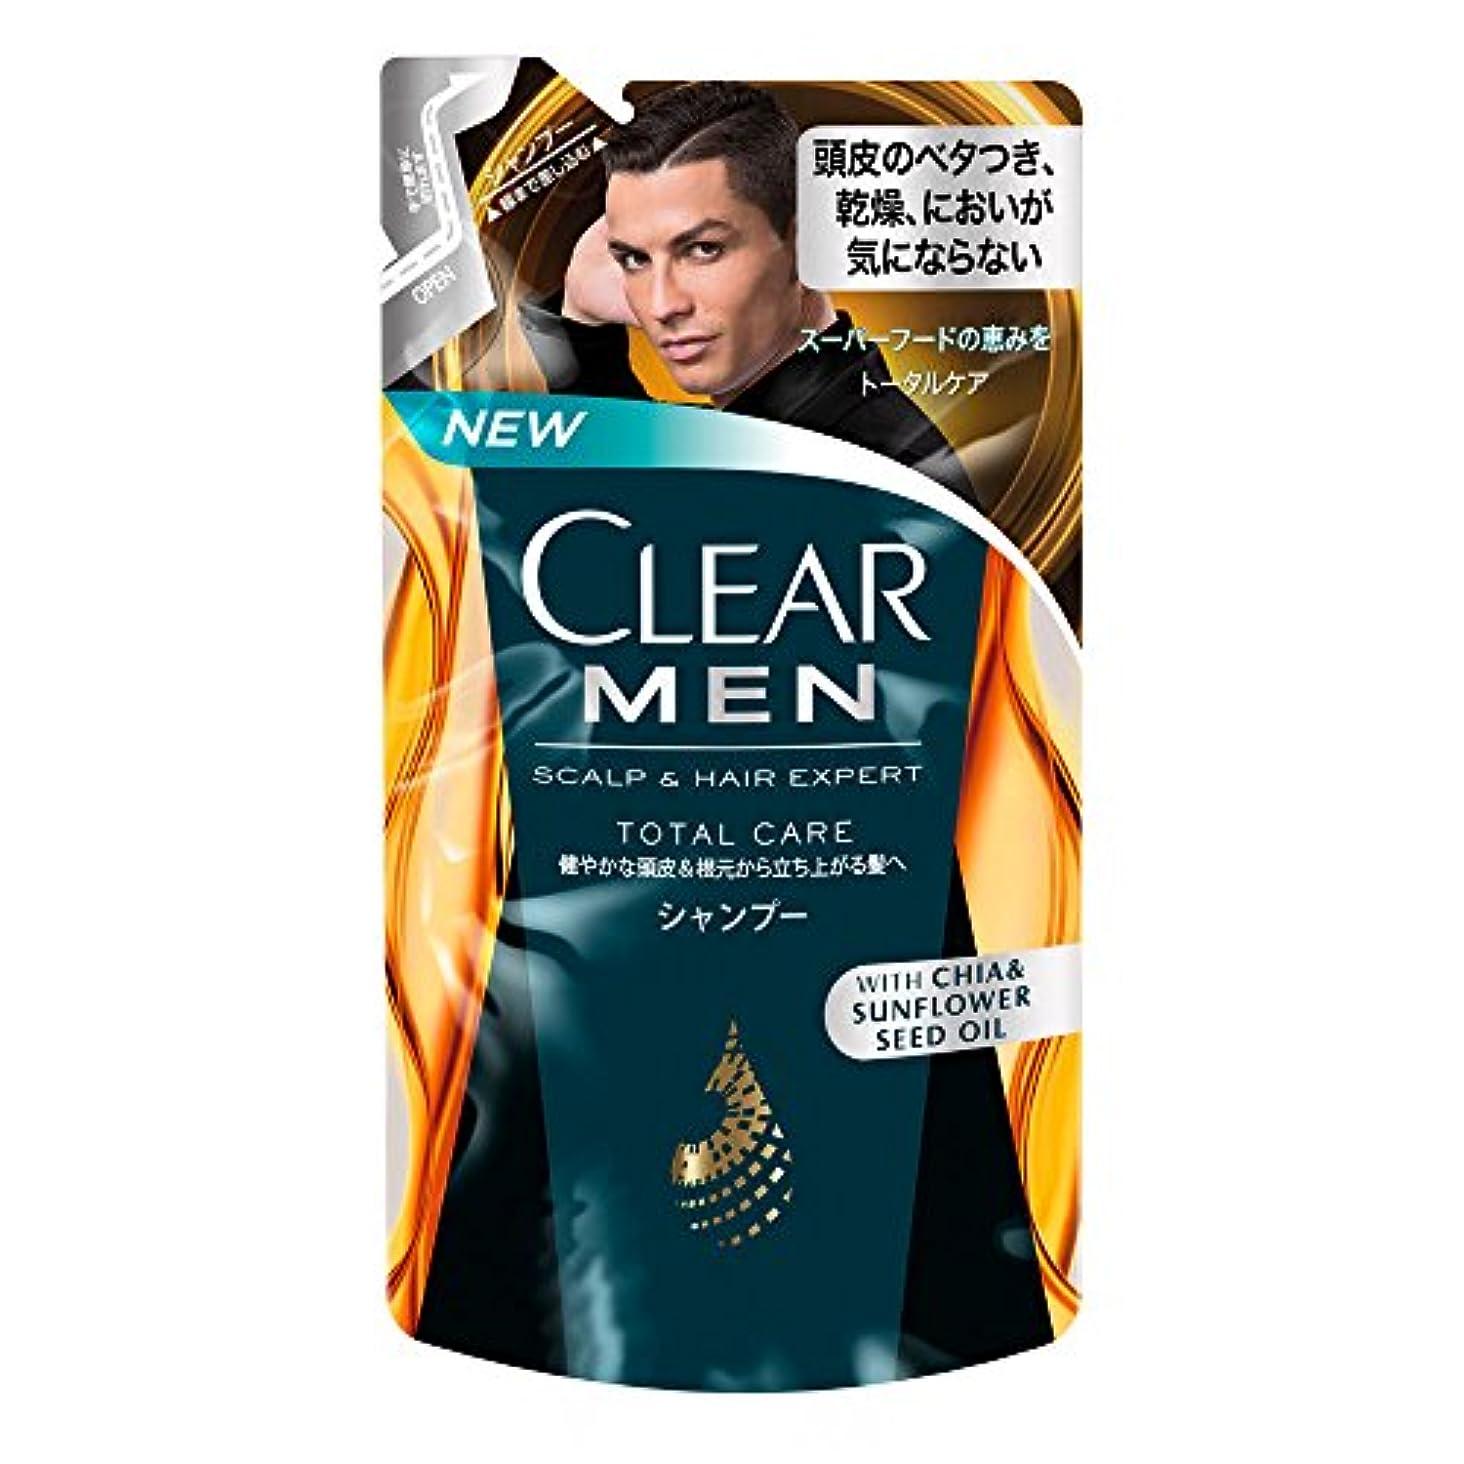 の間にコピー明るくするクリア フォーメン トータルケア 男性用シャンプー つめかえ用 (健やかな頭皮へ) 280g